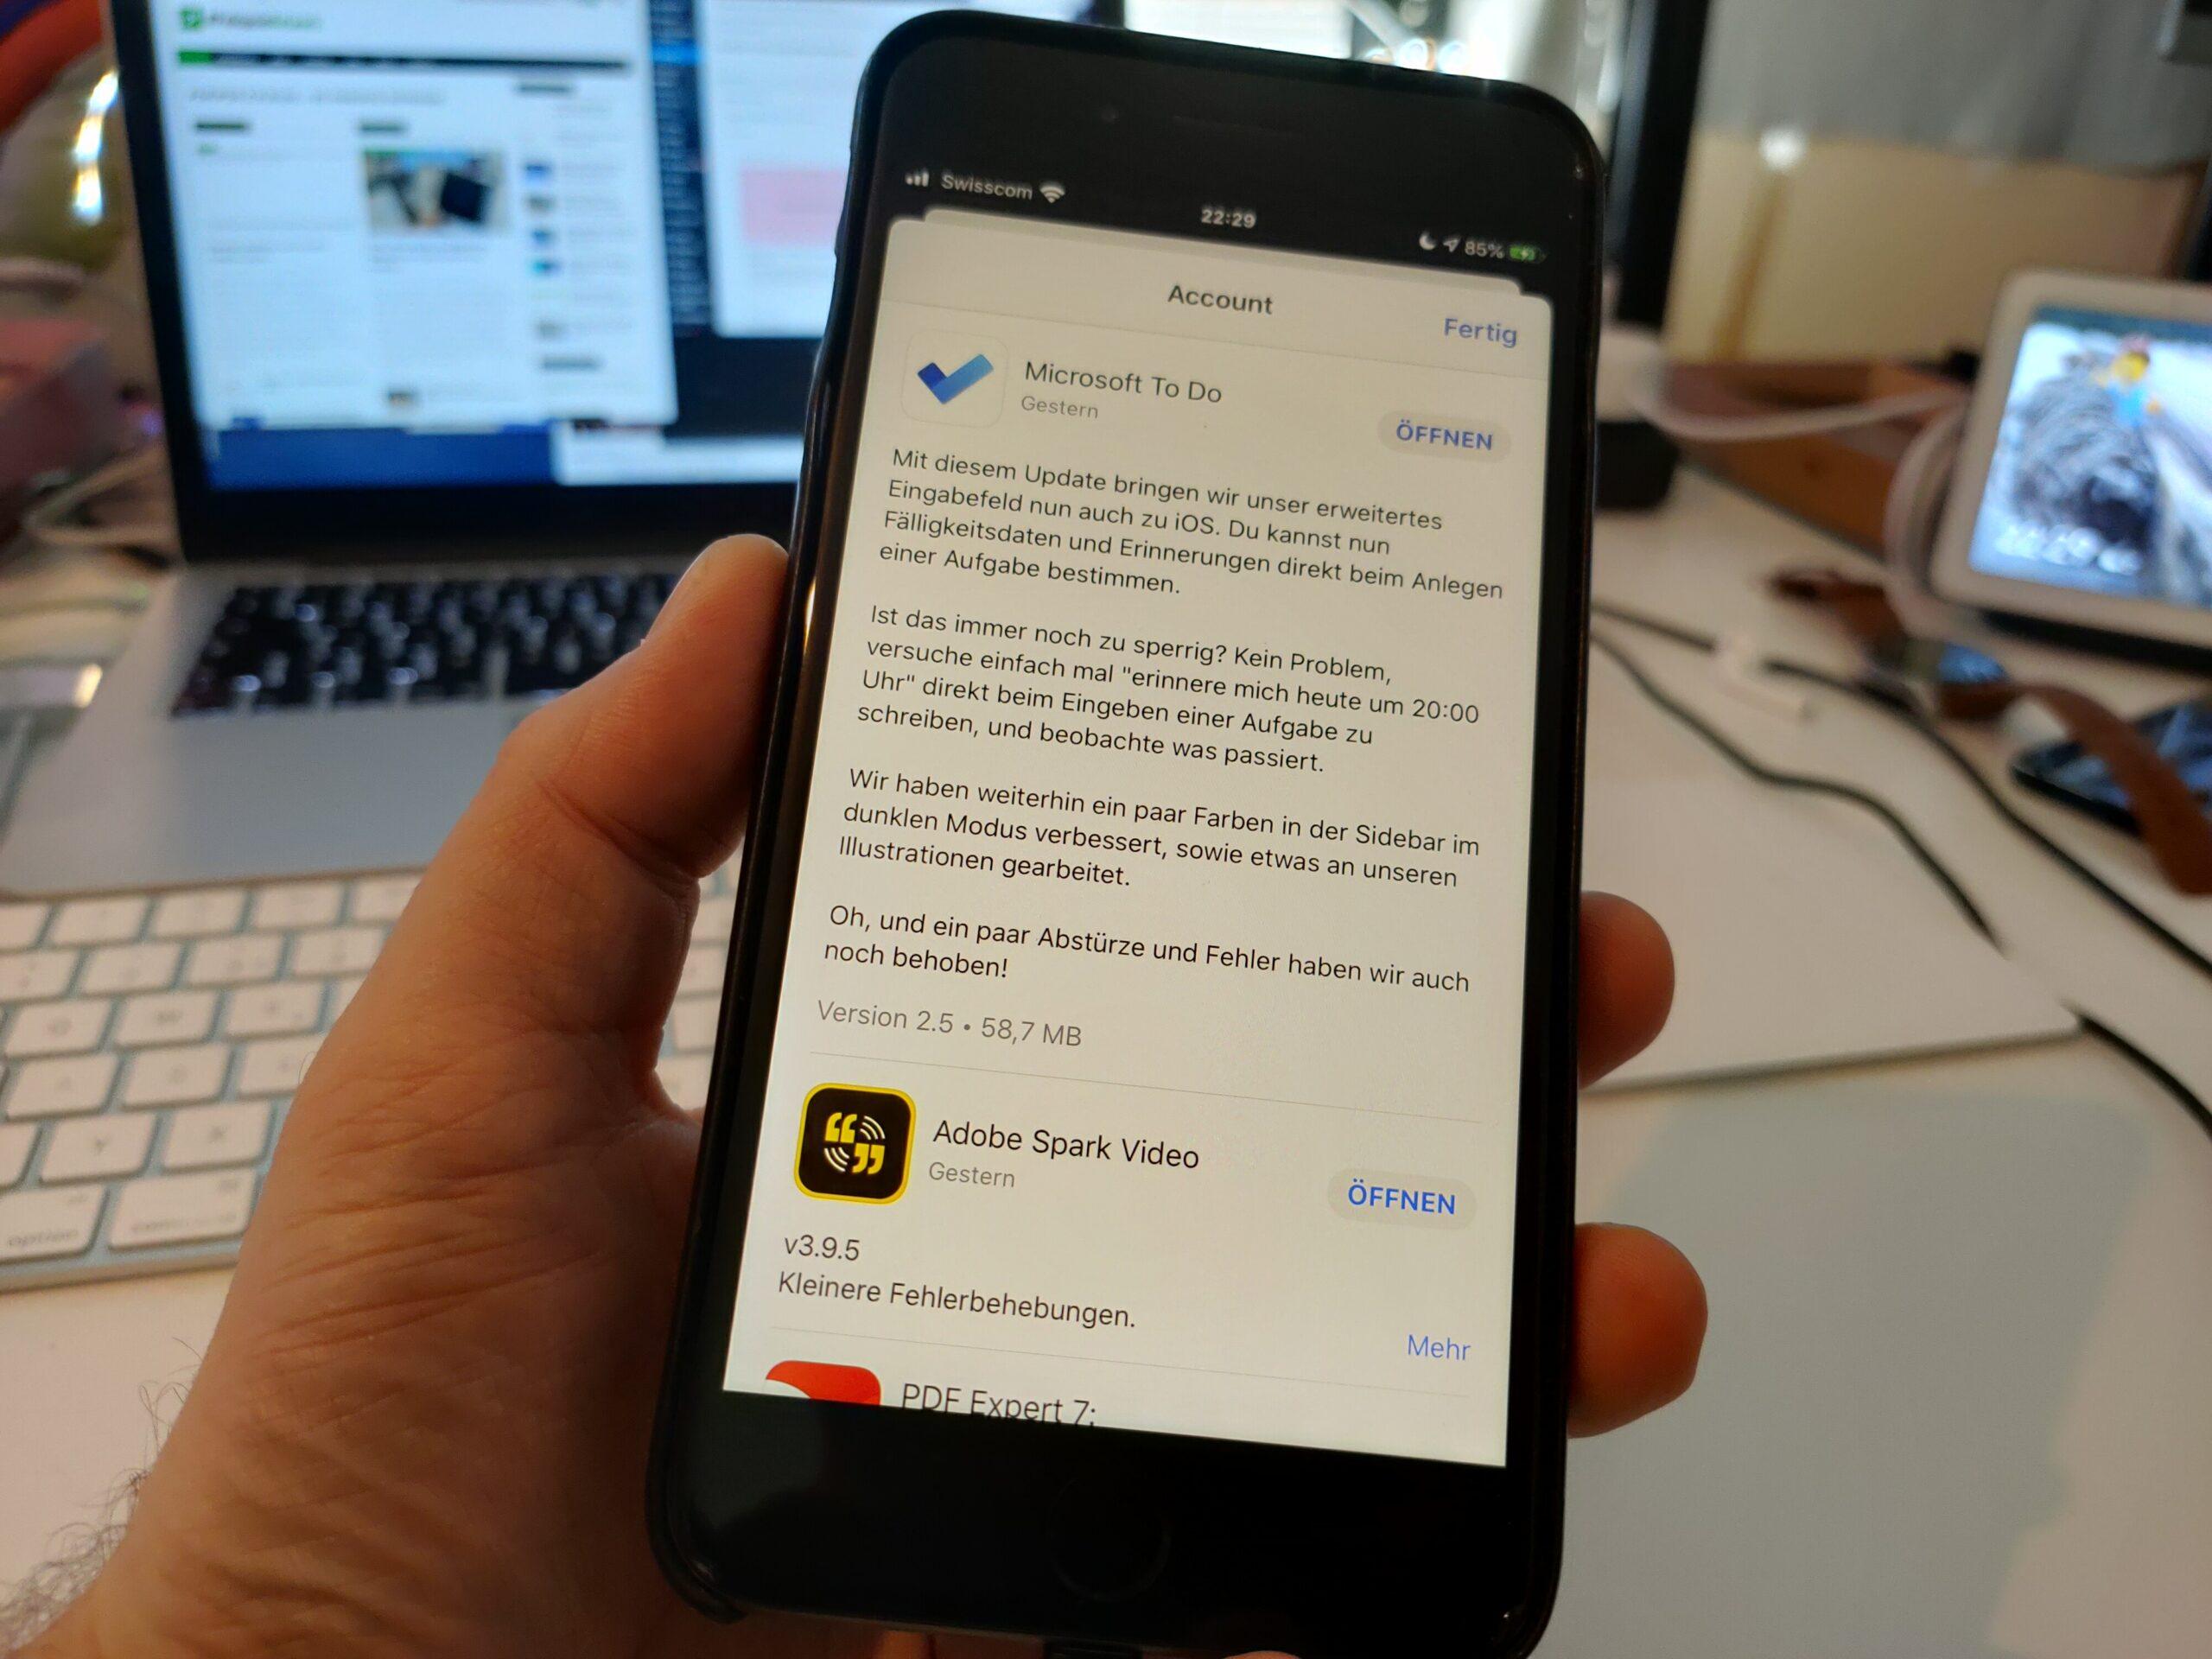 Microsoft To-Do für iOS: Endlich mit natürlicher Sprache